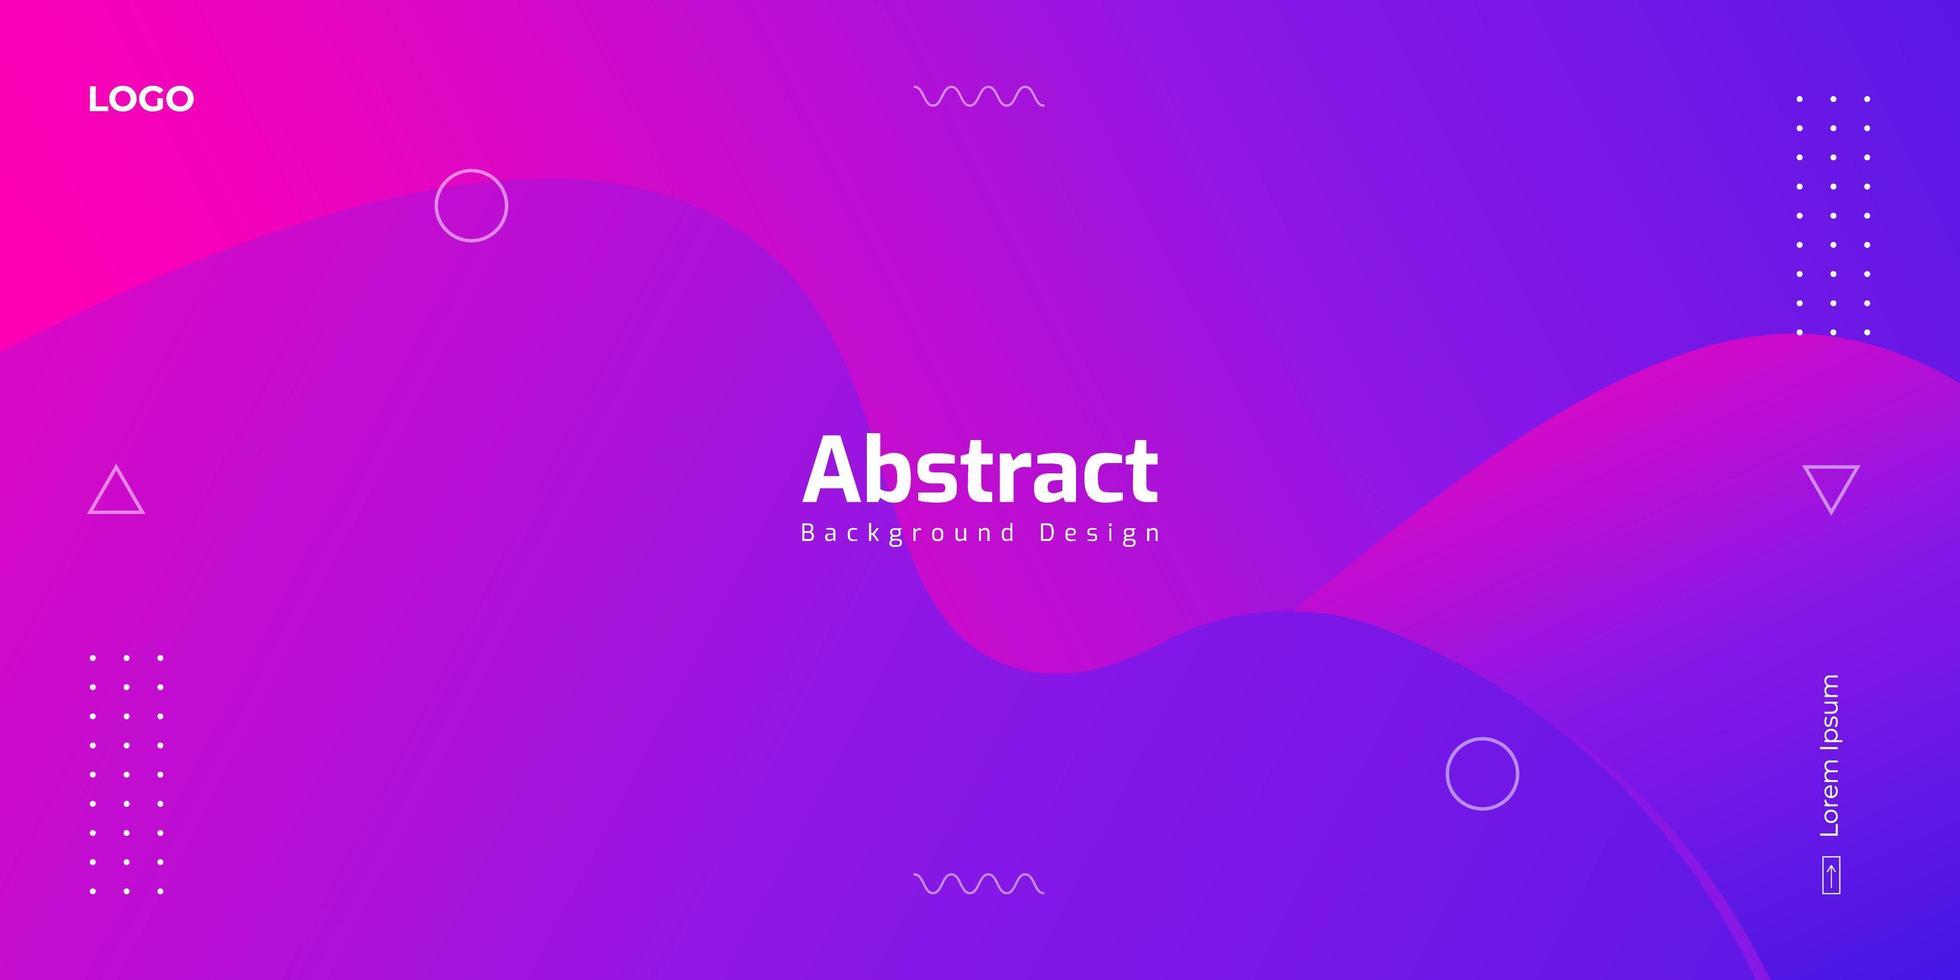 formas líquidas gradientes de color rosa púrpura con elementos geométricos vector